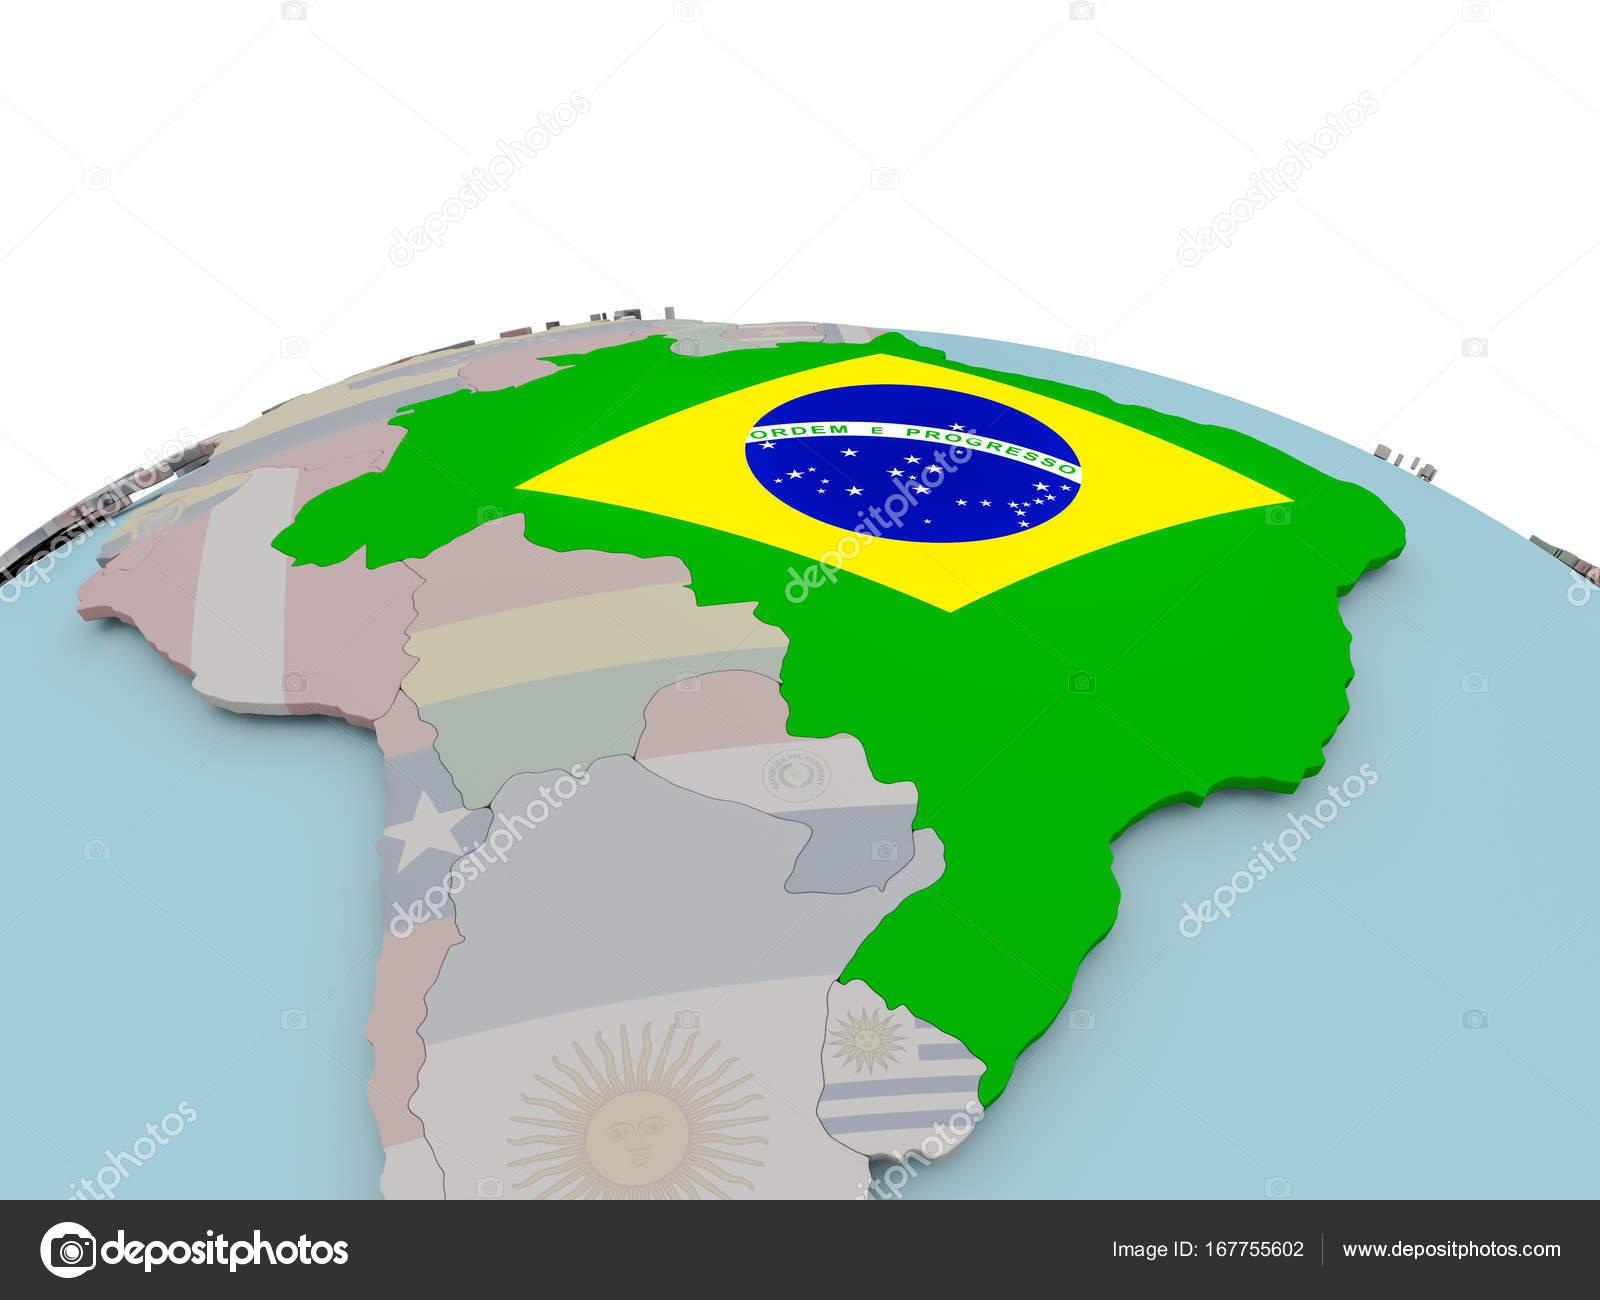 Brasilien Karte Welt.Politische Karte Von Brasilien Auf Globus Mit Flagge Stockfoto